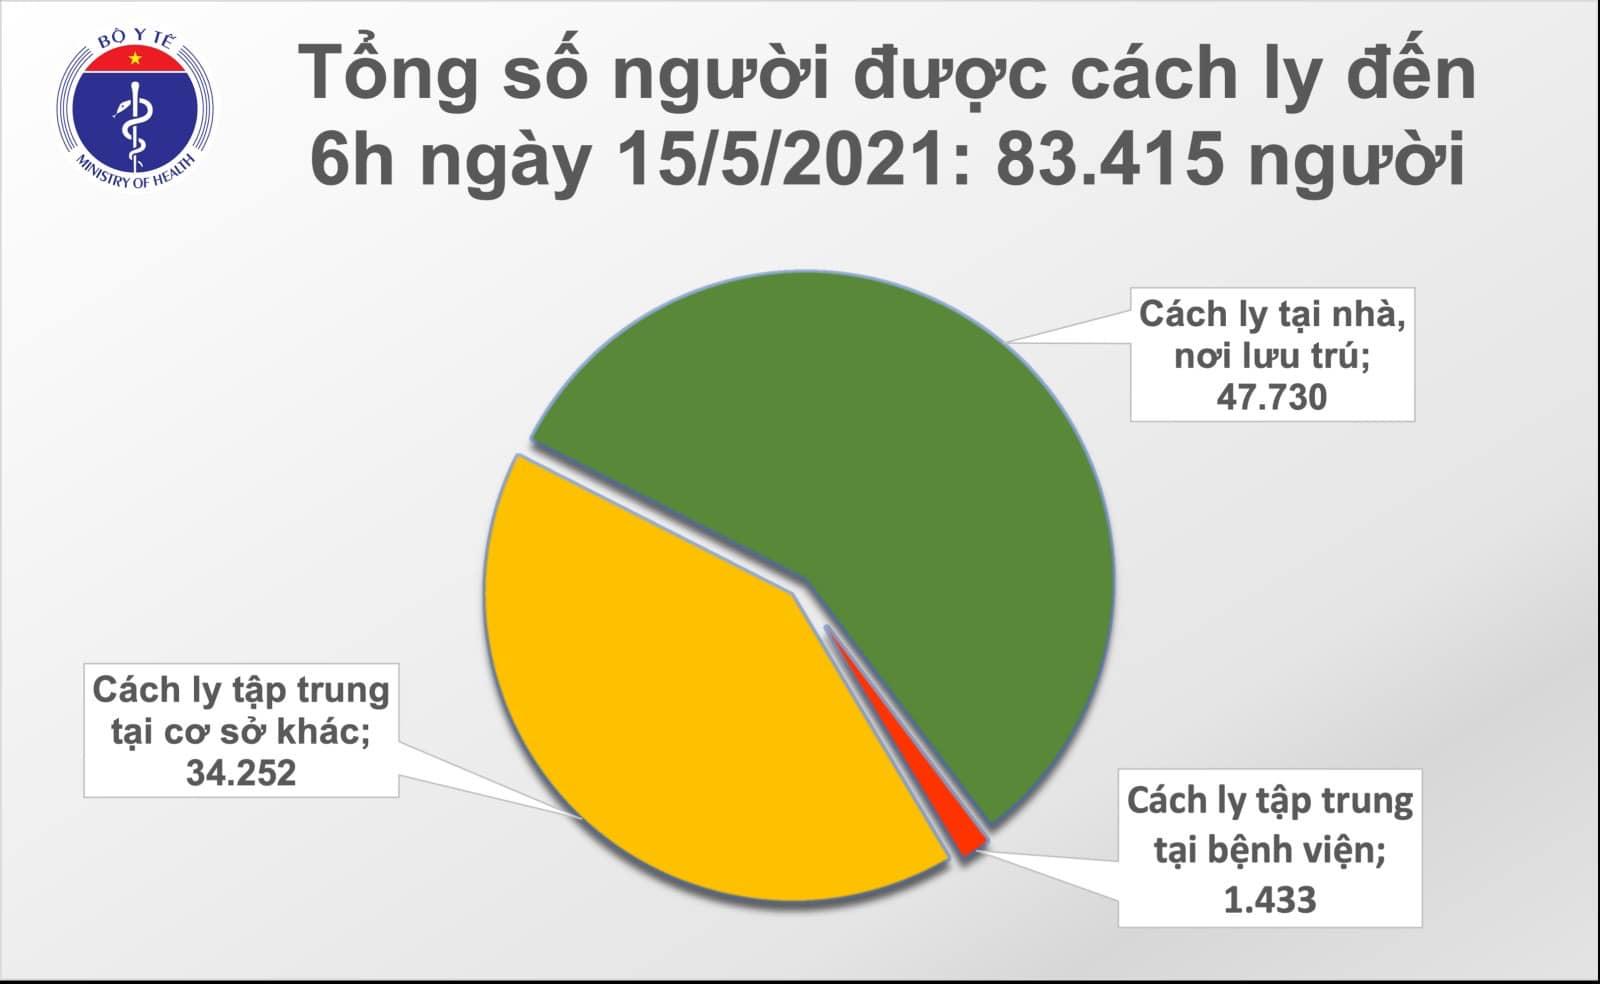 Diễn biến dịch Covid-19 sáng ngày 15/5: số ca mắc đang giảm - Ảnh 3.